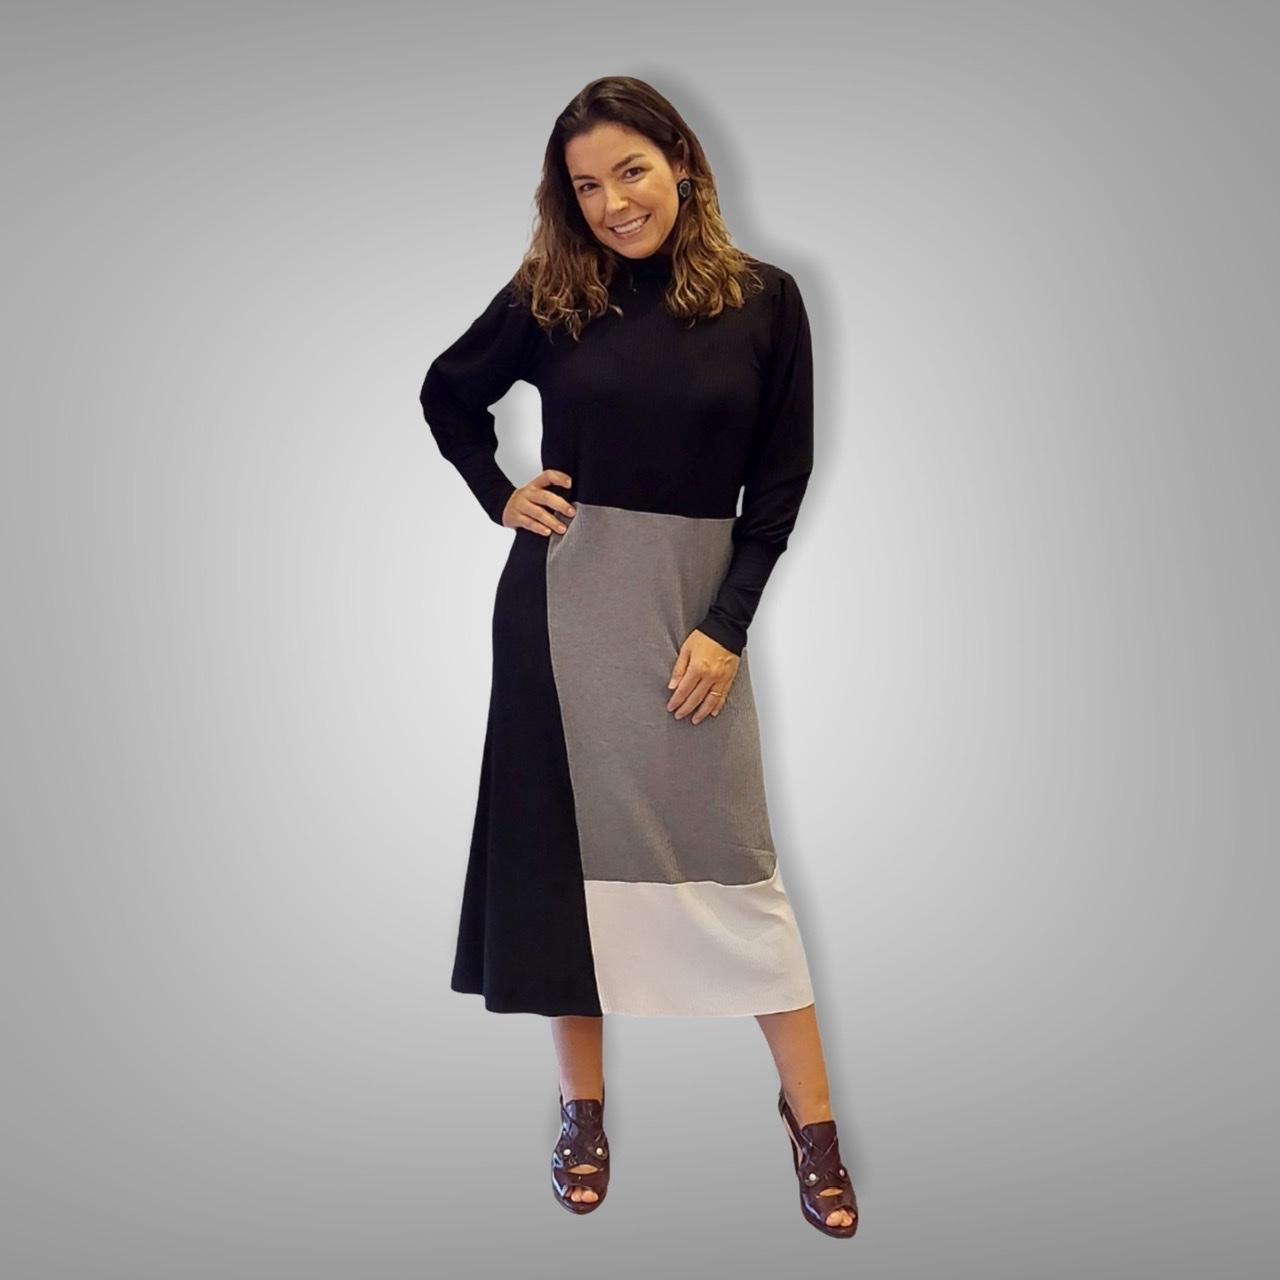 Vestido Deborah canelado tricolor  - Vivian Bógus